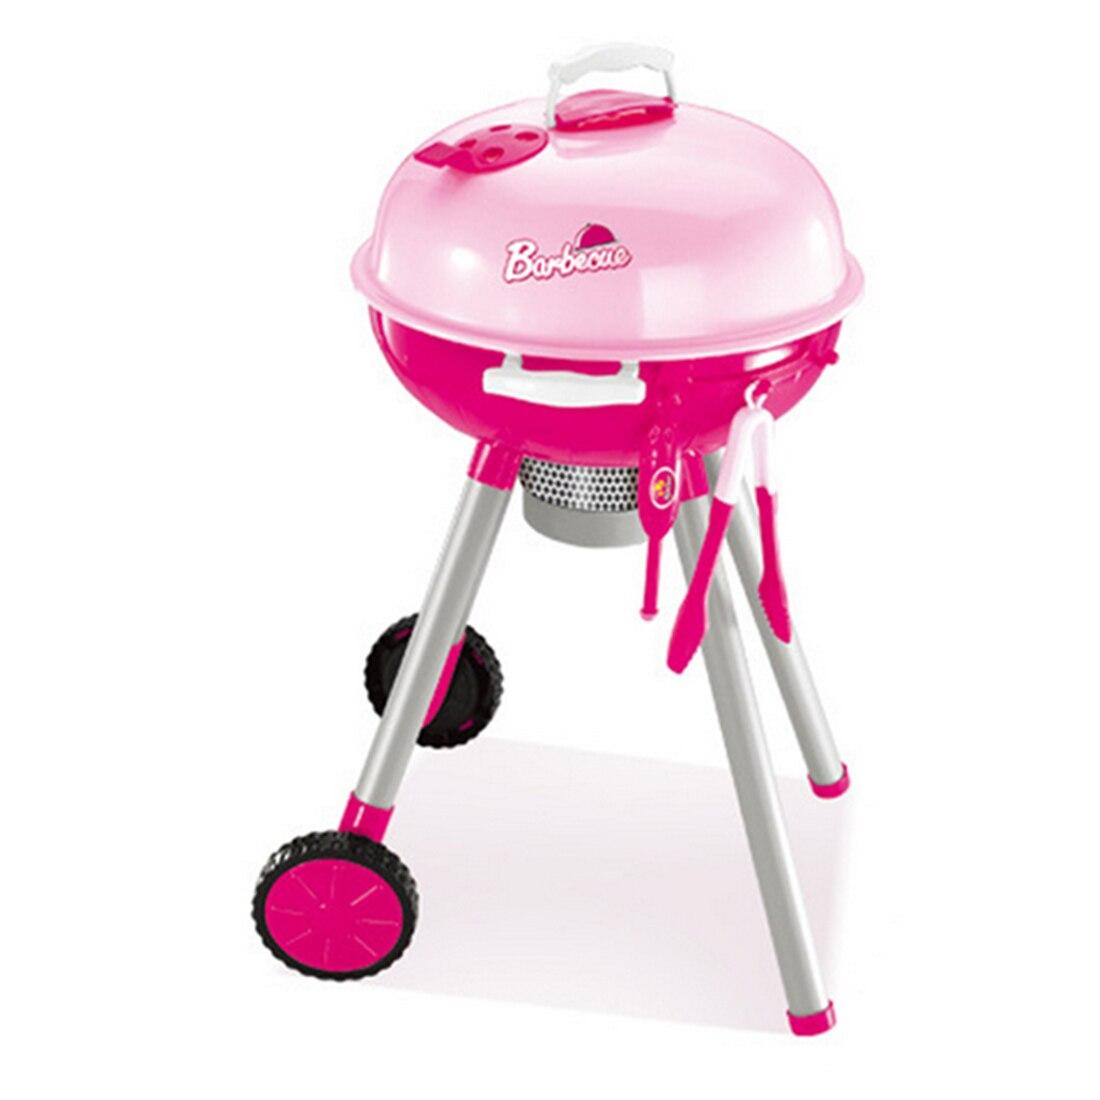 Nuovo Caldo Bambini Cucina Giocare Barbecue Passeggino Giocattolo Set Kid 'S Kitchen Pretend & Play Giocattoli Del Bambino Bambini A Casa Giocattolo Educativo -rosa